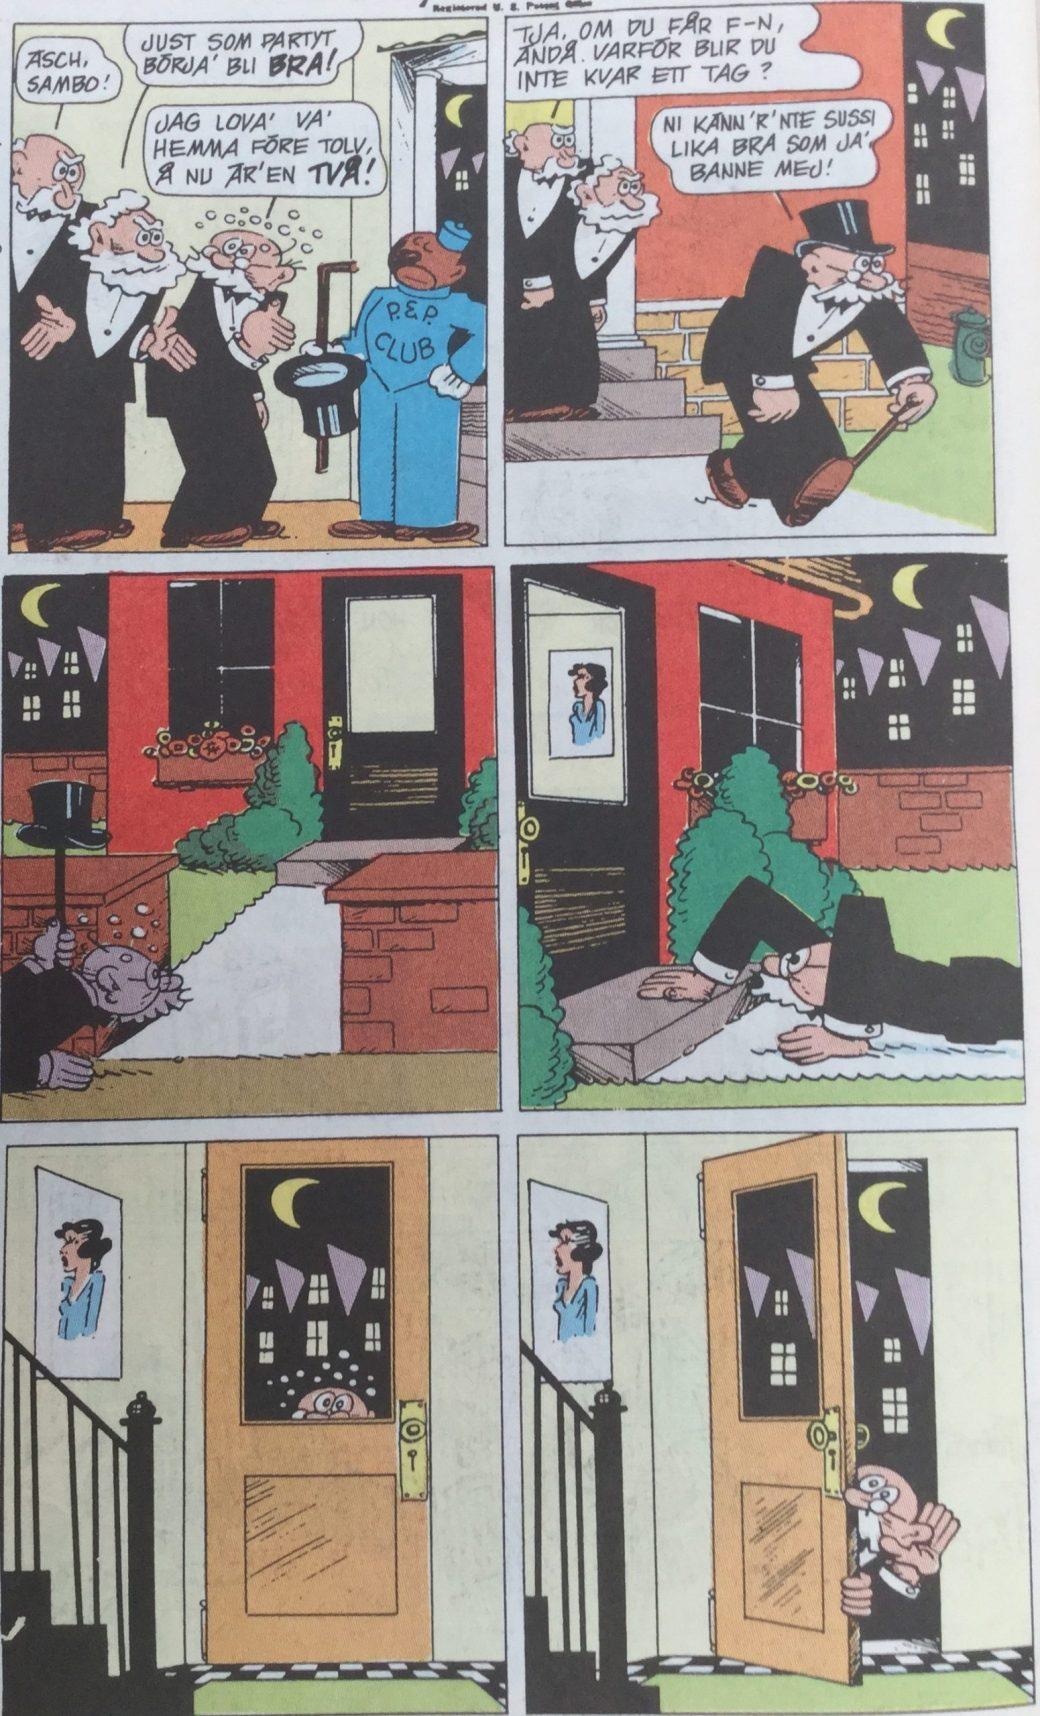 Polly och Pär ur SeriePressen nr 4, 1993 - del 1